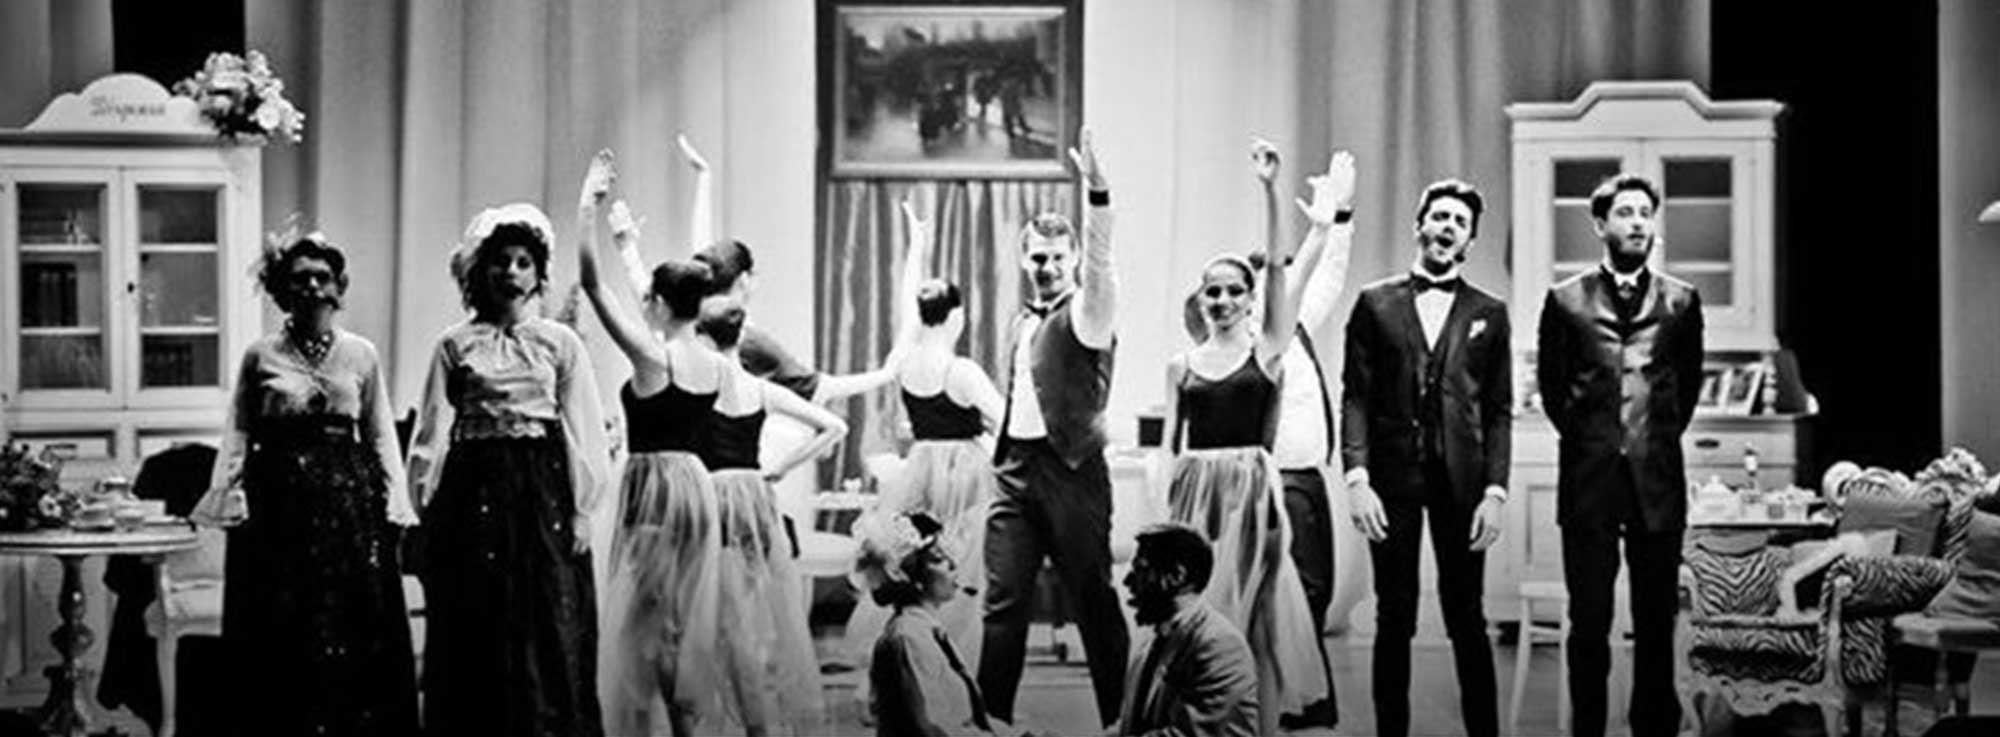 Cisternino: L'Amore muove... il Musical